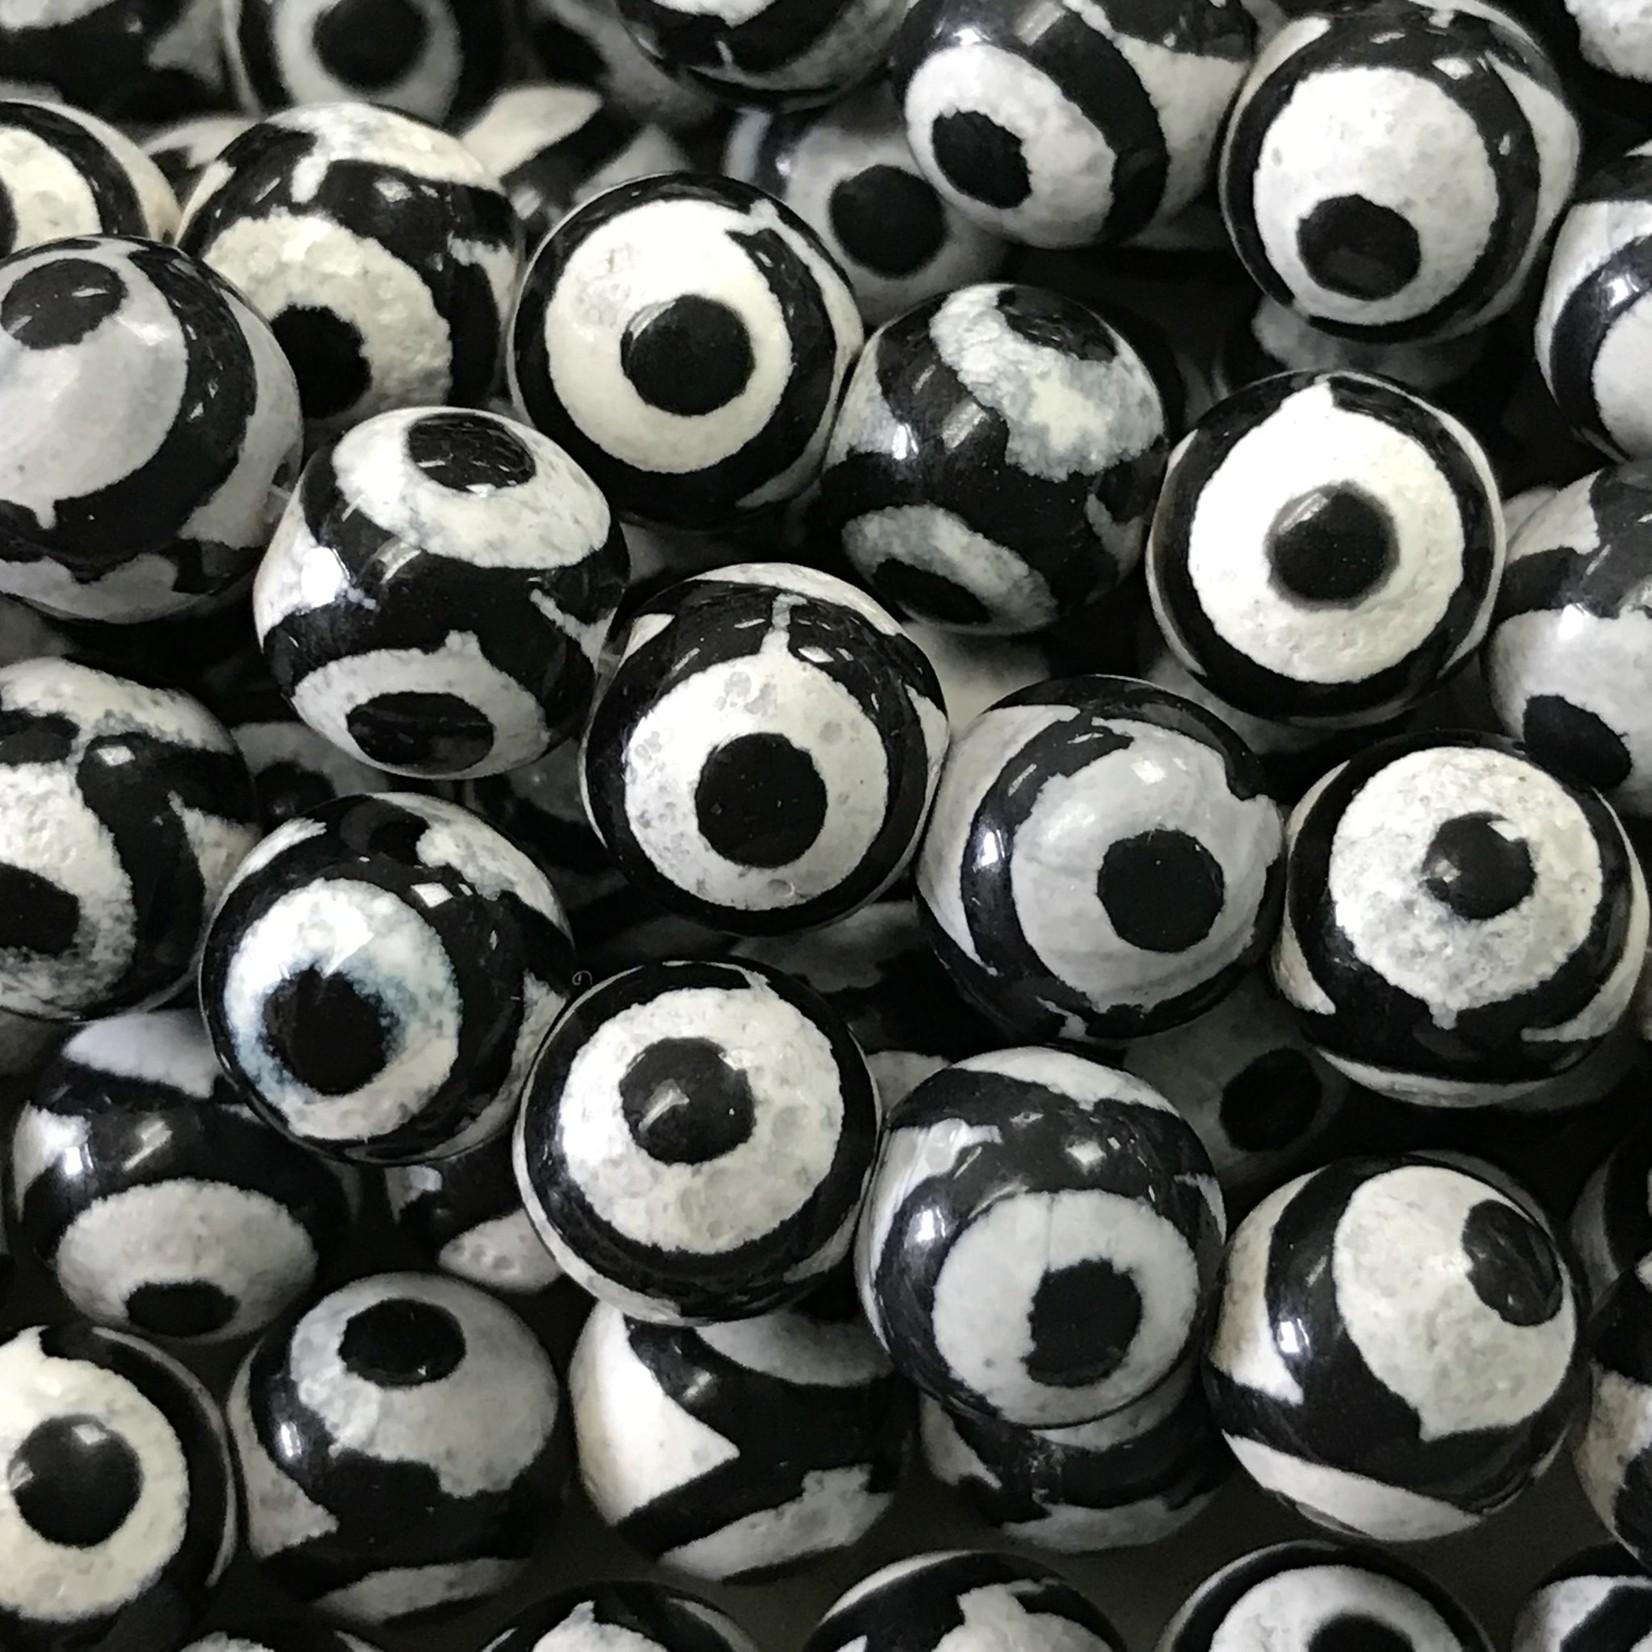 dZi Agate Black & White 8mm Round